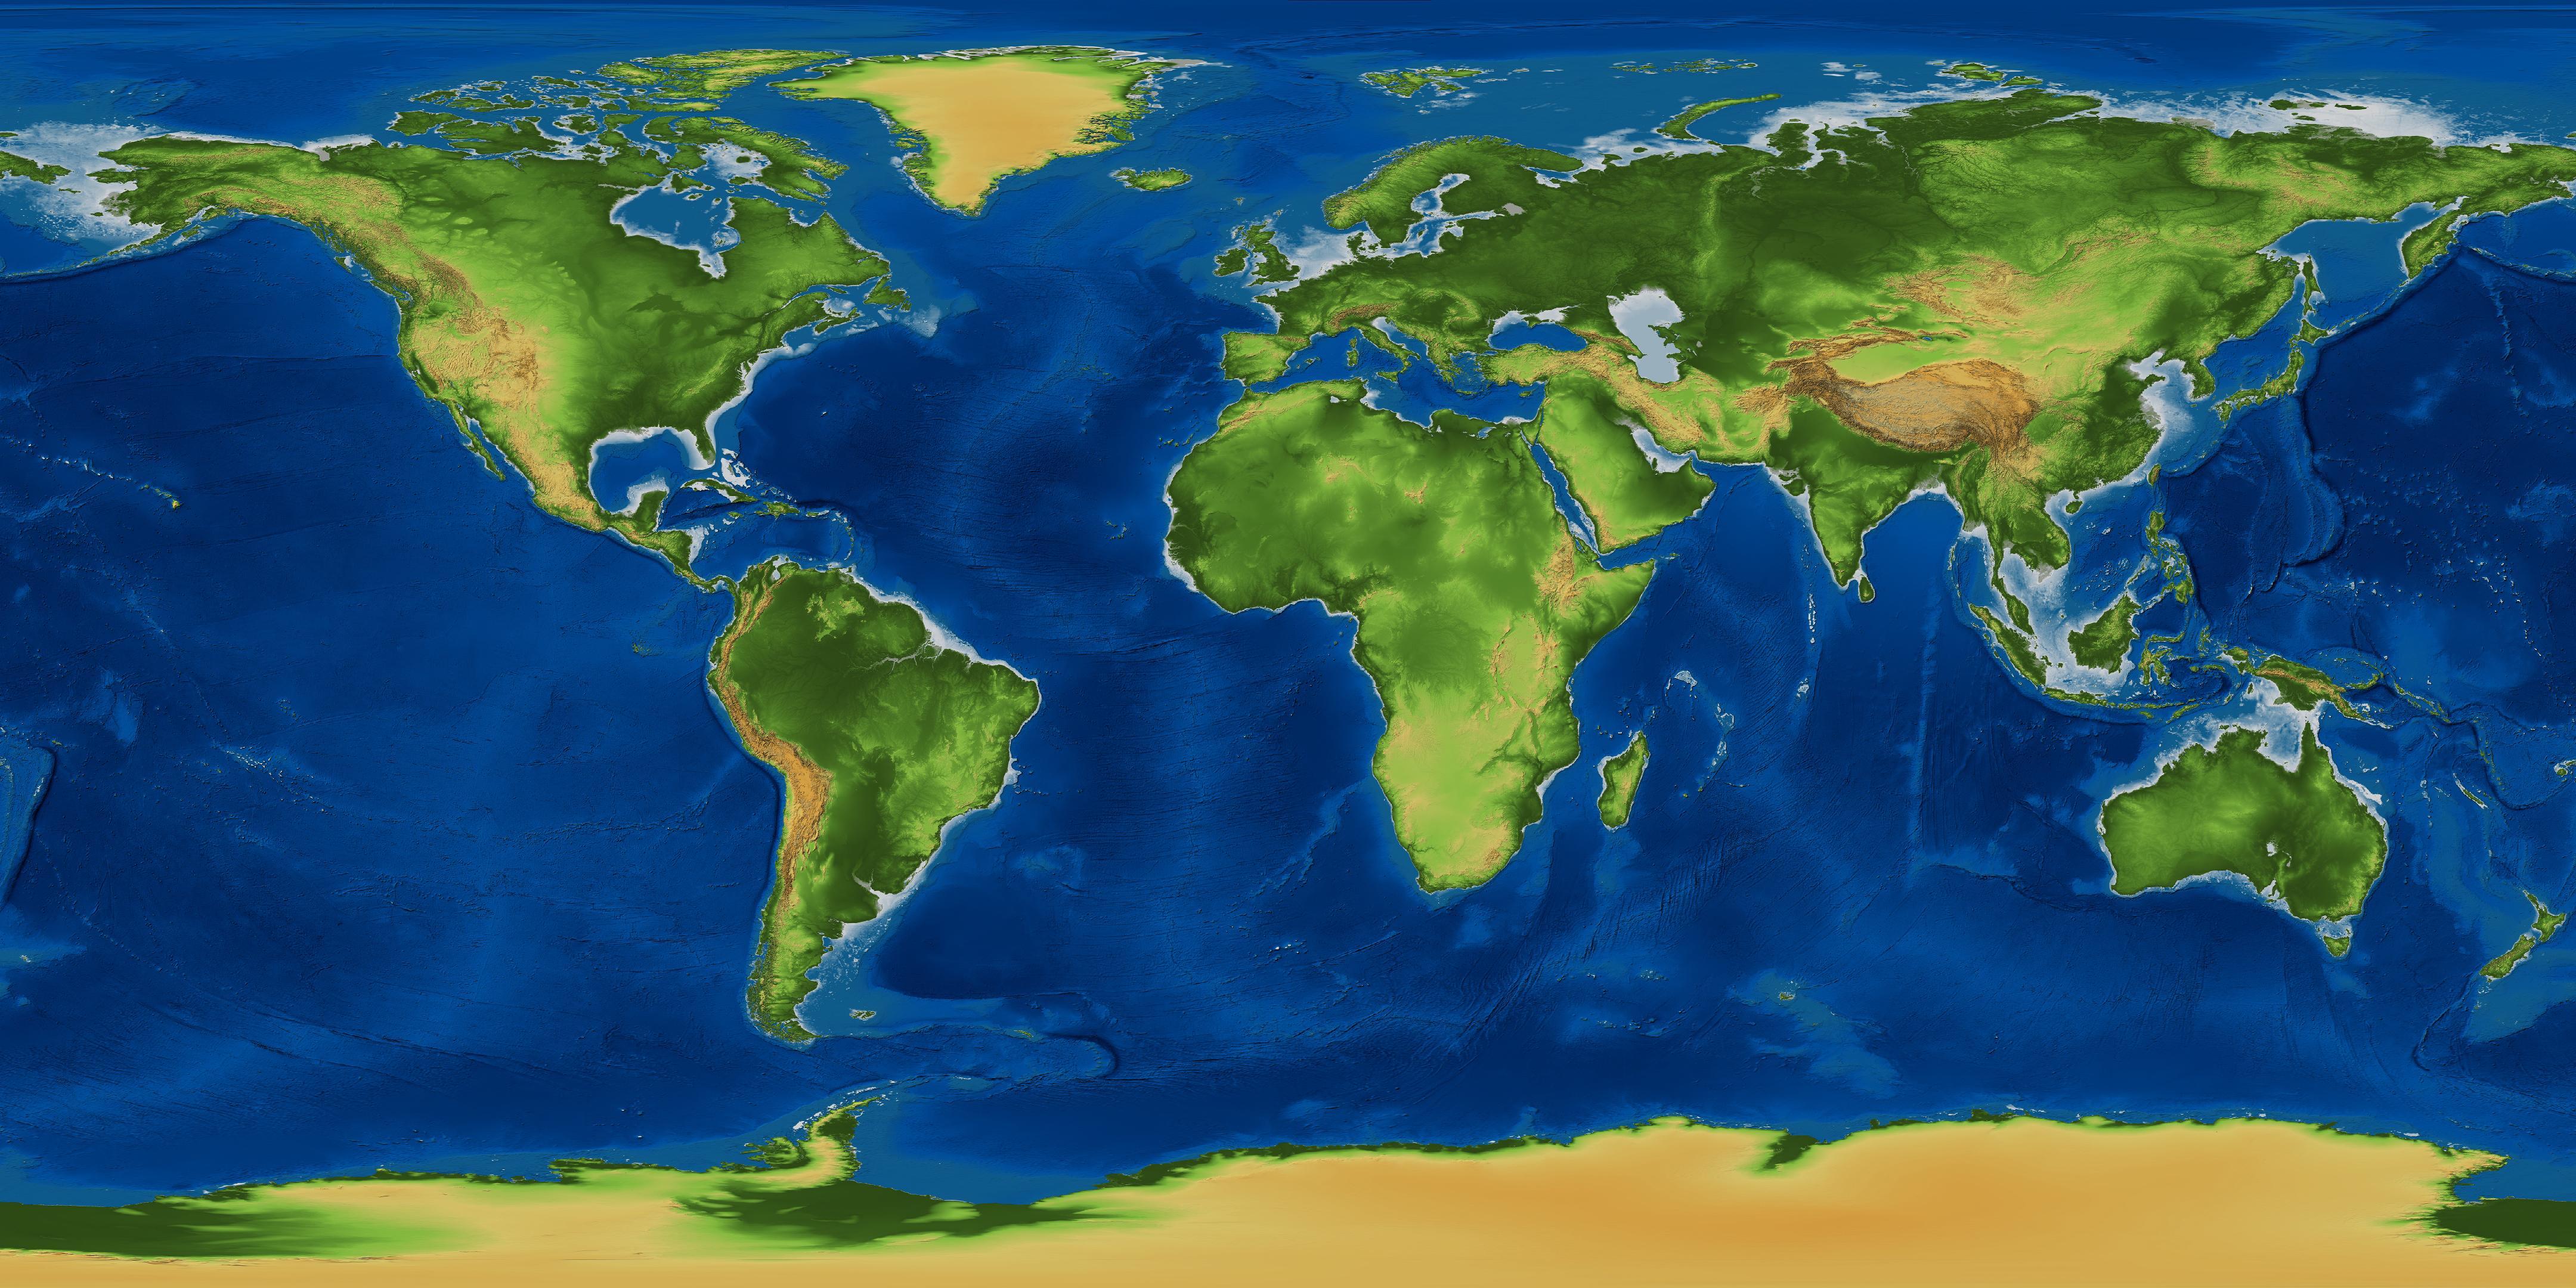 World Terrain Map My Blog - Global terrain map